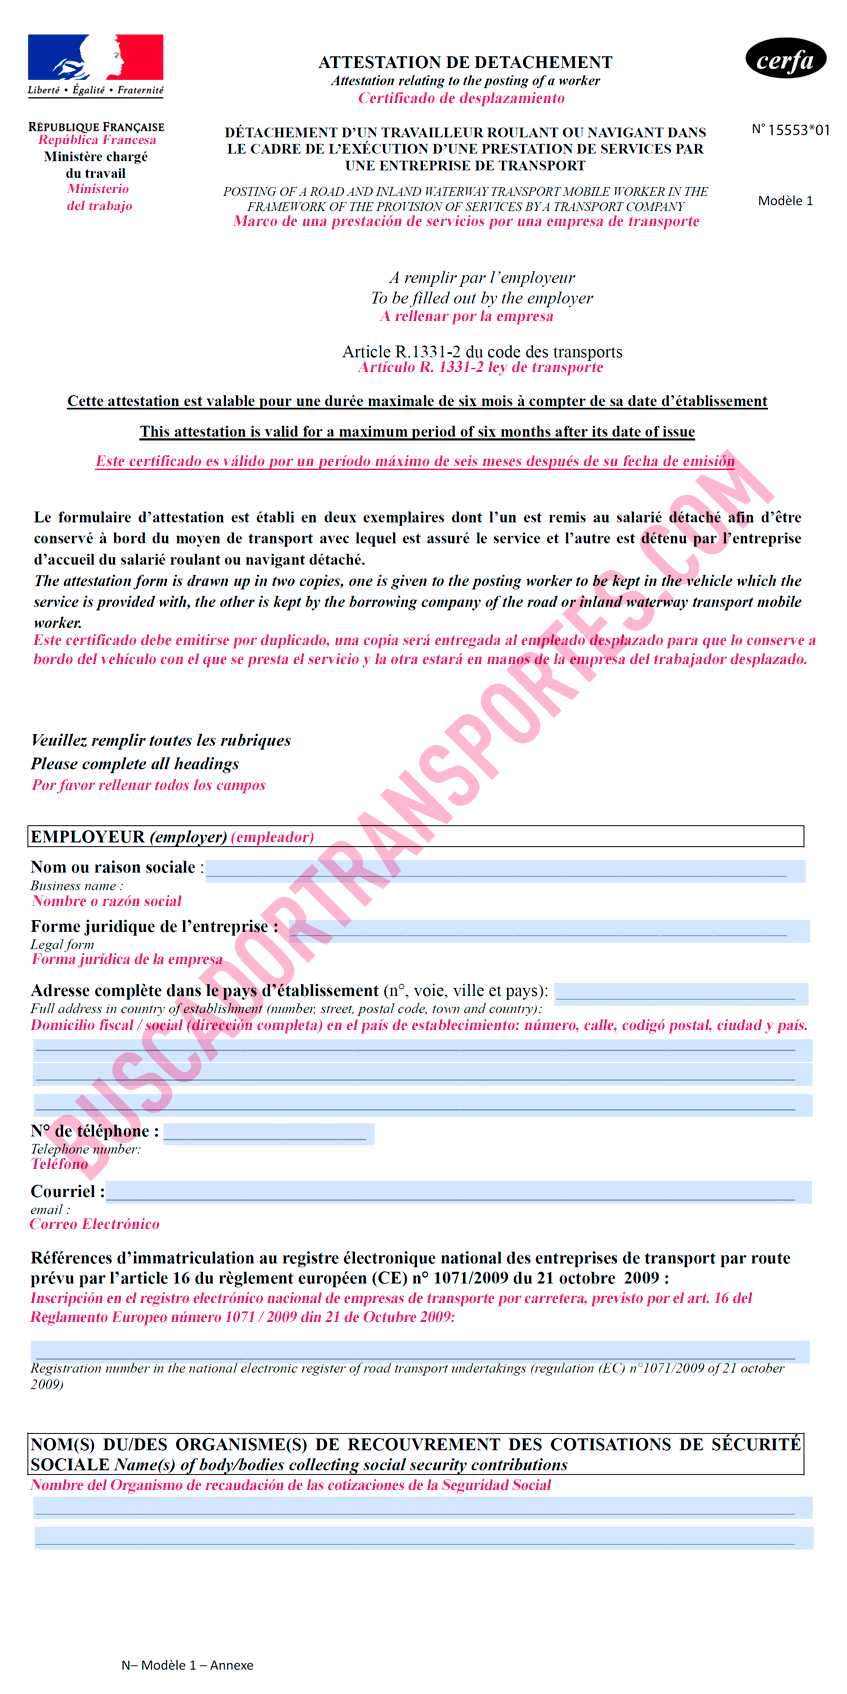 salario mínimo francés ley macron Traducción documento de desplazamiento página 1